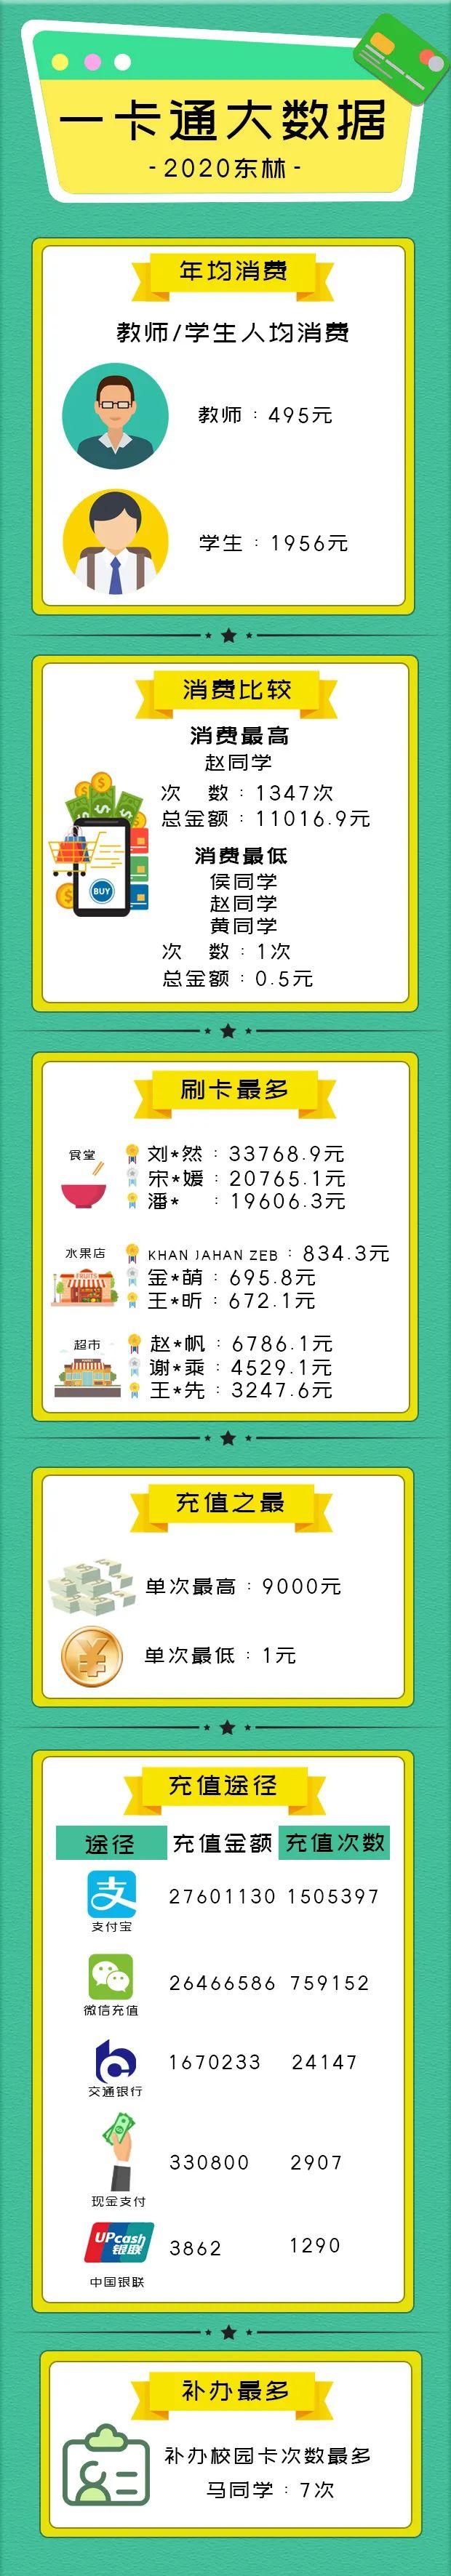 2020大数据NO.1 | 买买买!东林人消费记录大揭秘图片